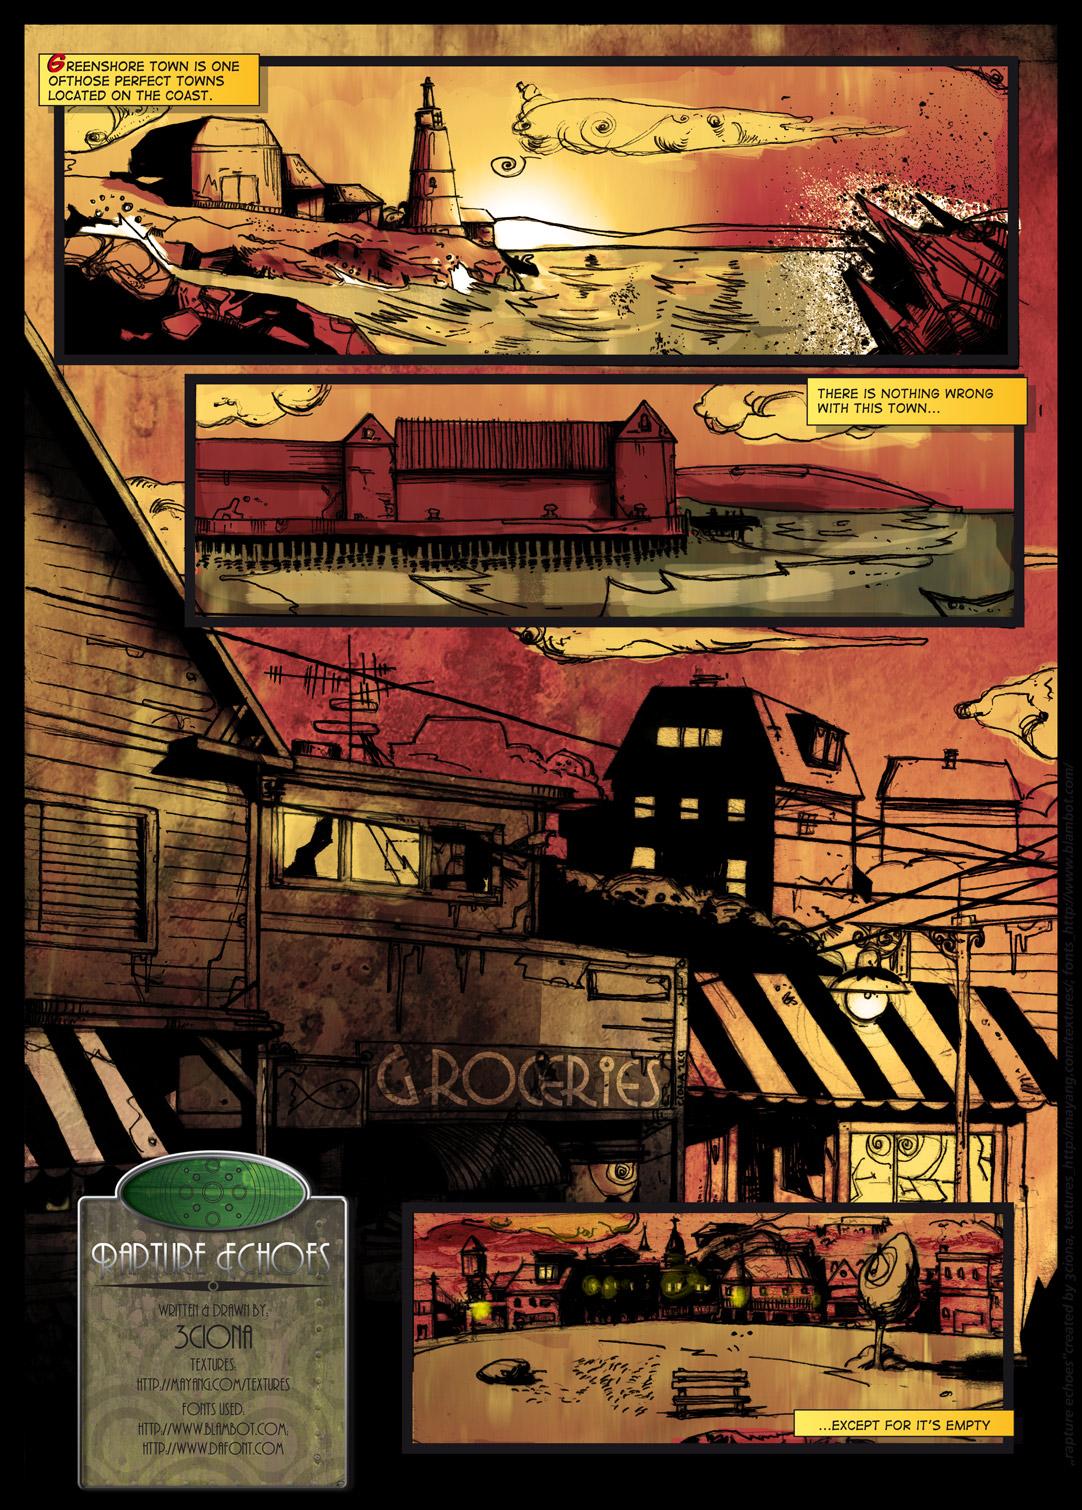 bioshock fan comic book pg1